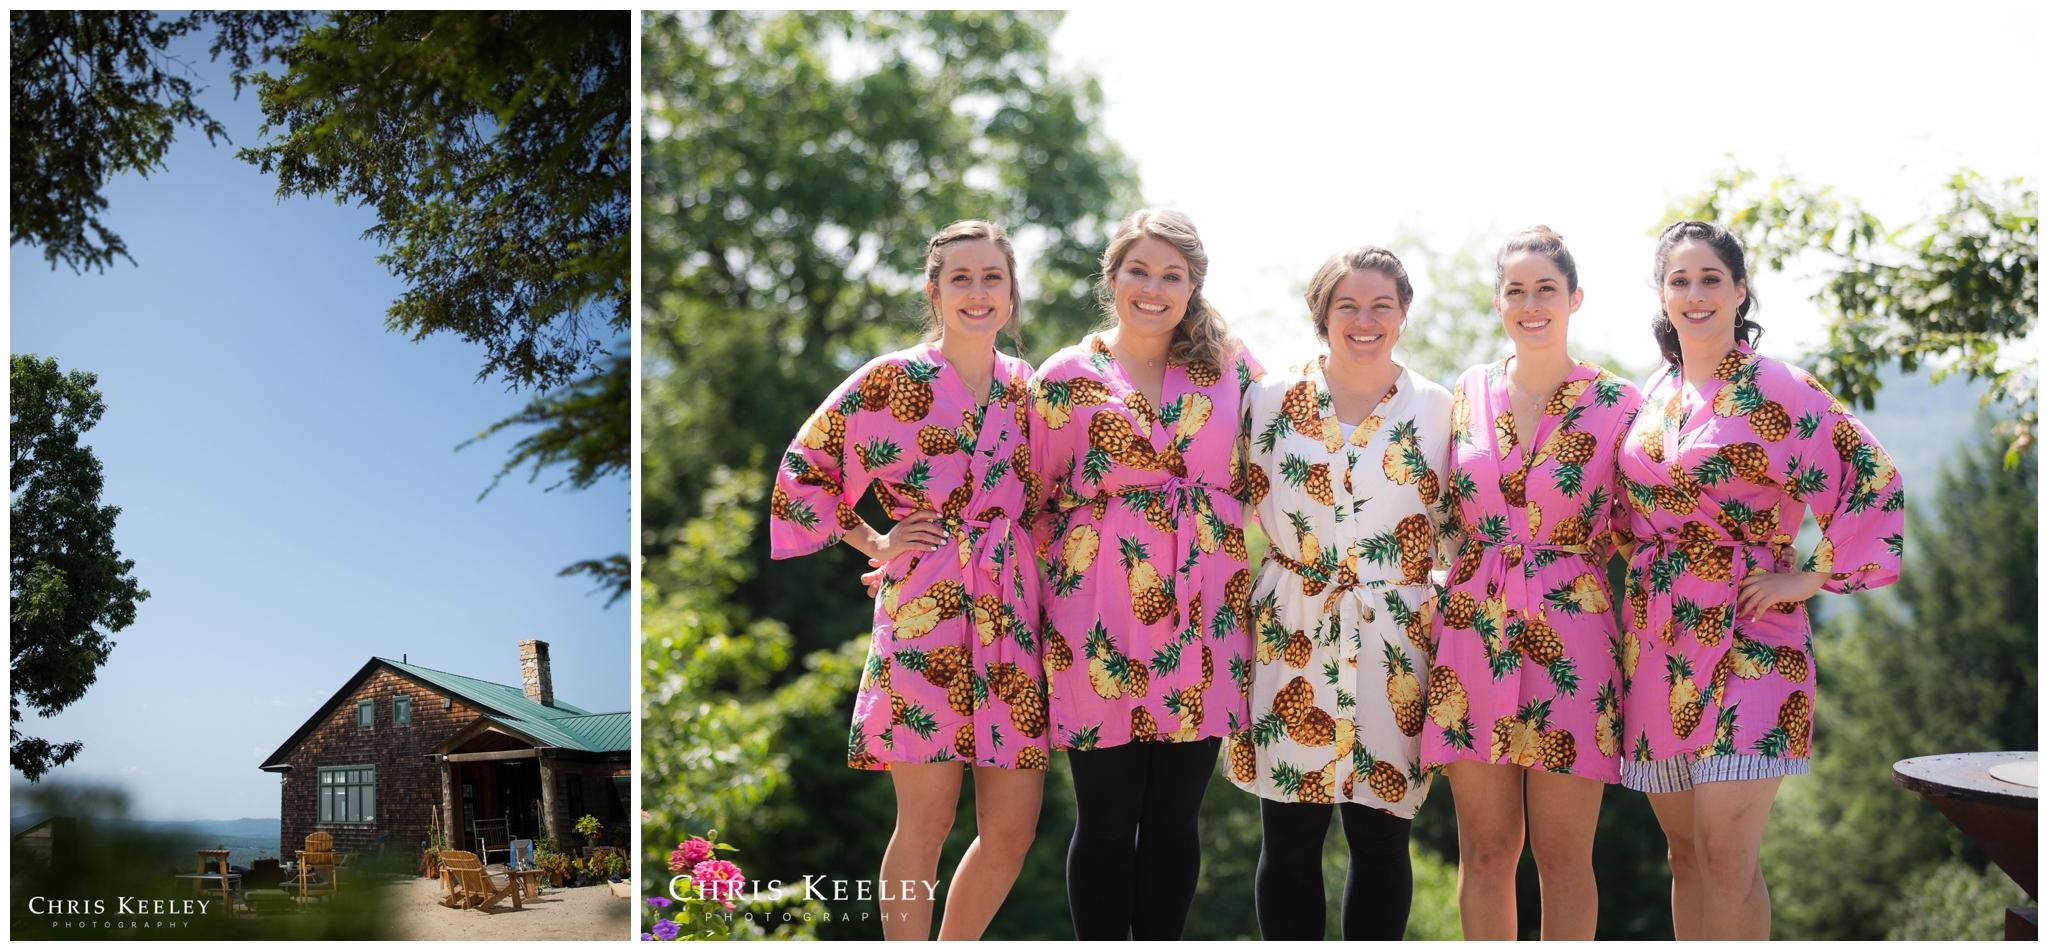 girls-in-robes-at-granite-ridge-estate.jpg